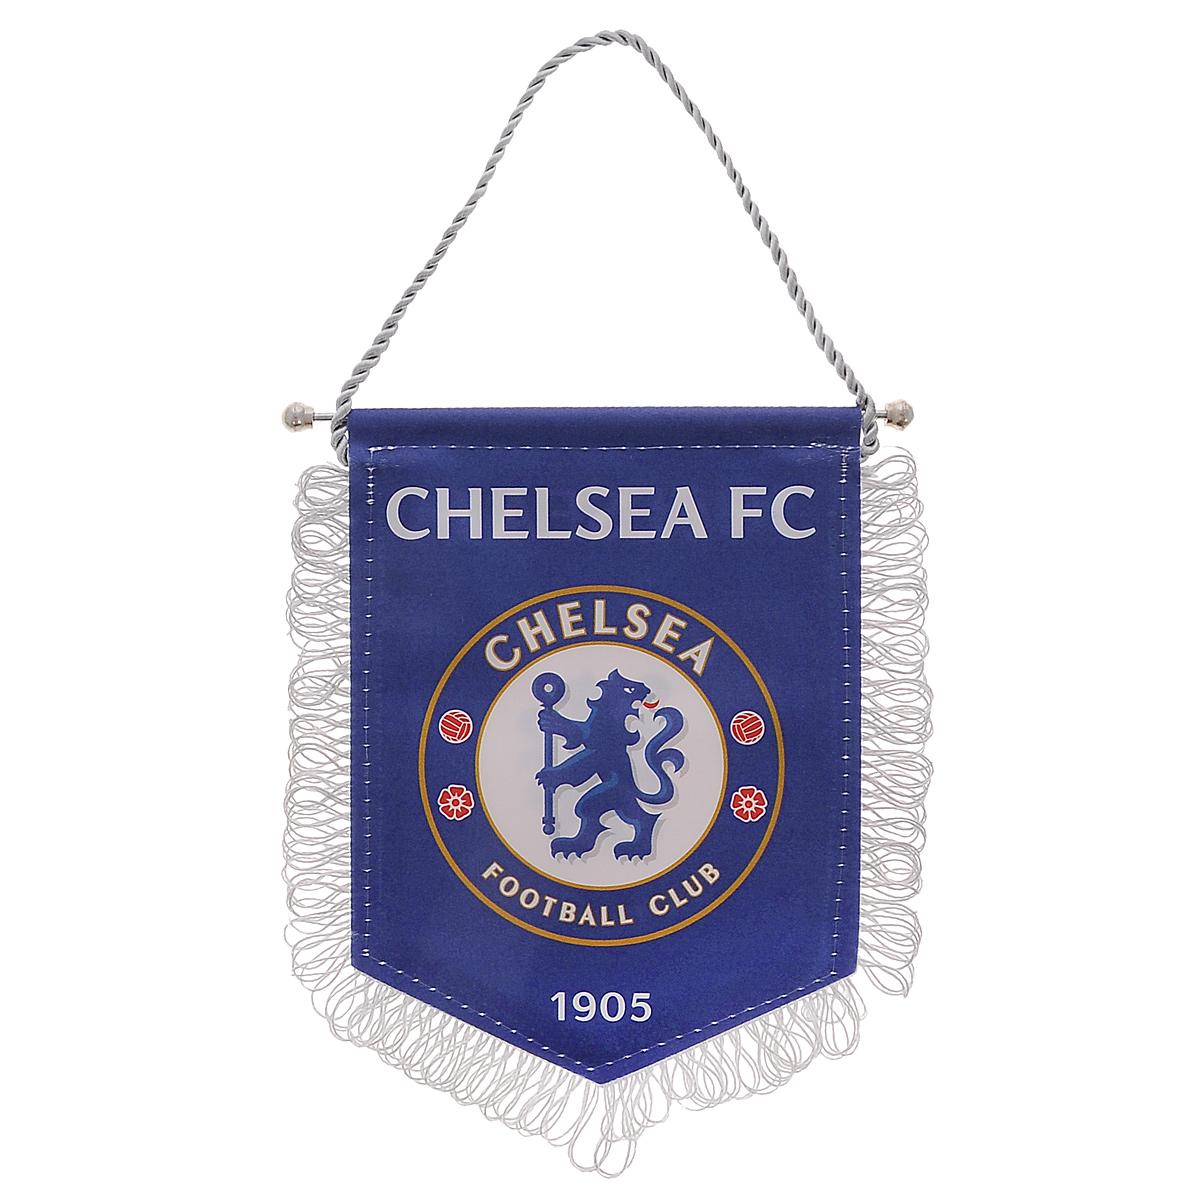 """Двусторонний вымпел """"Chelsea"""" изготовлен из полиэстера и металла. Оснащен шнурком для подвешивания и украшен бахромой. Вымпел """"Chelsea"""" порадует истинного болельщика футбольного клуба, а также станет приятным подарком к любому празднику."""